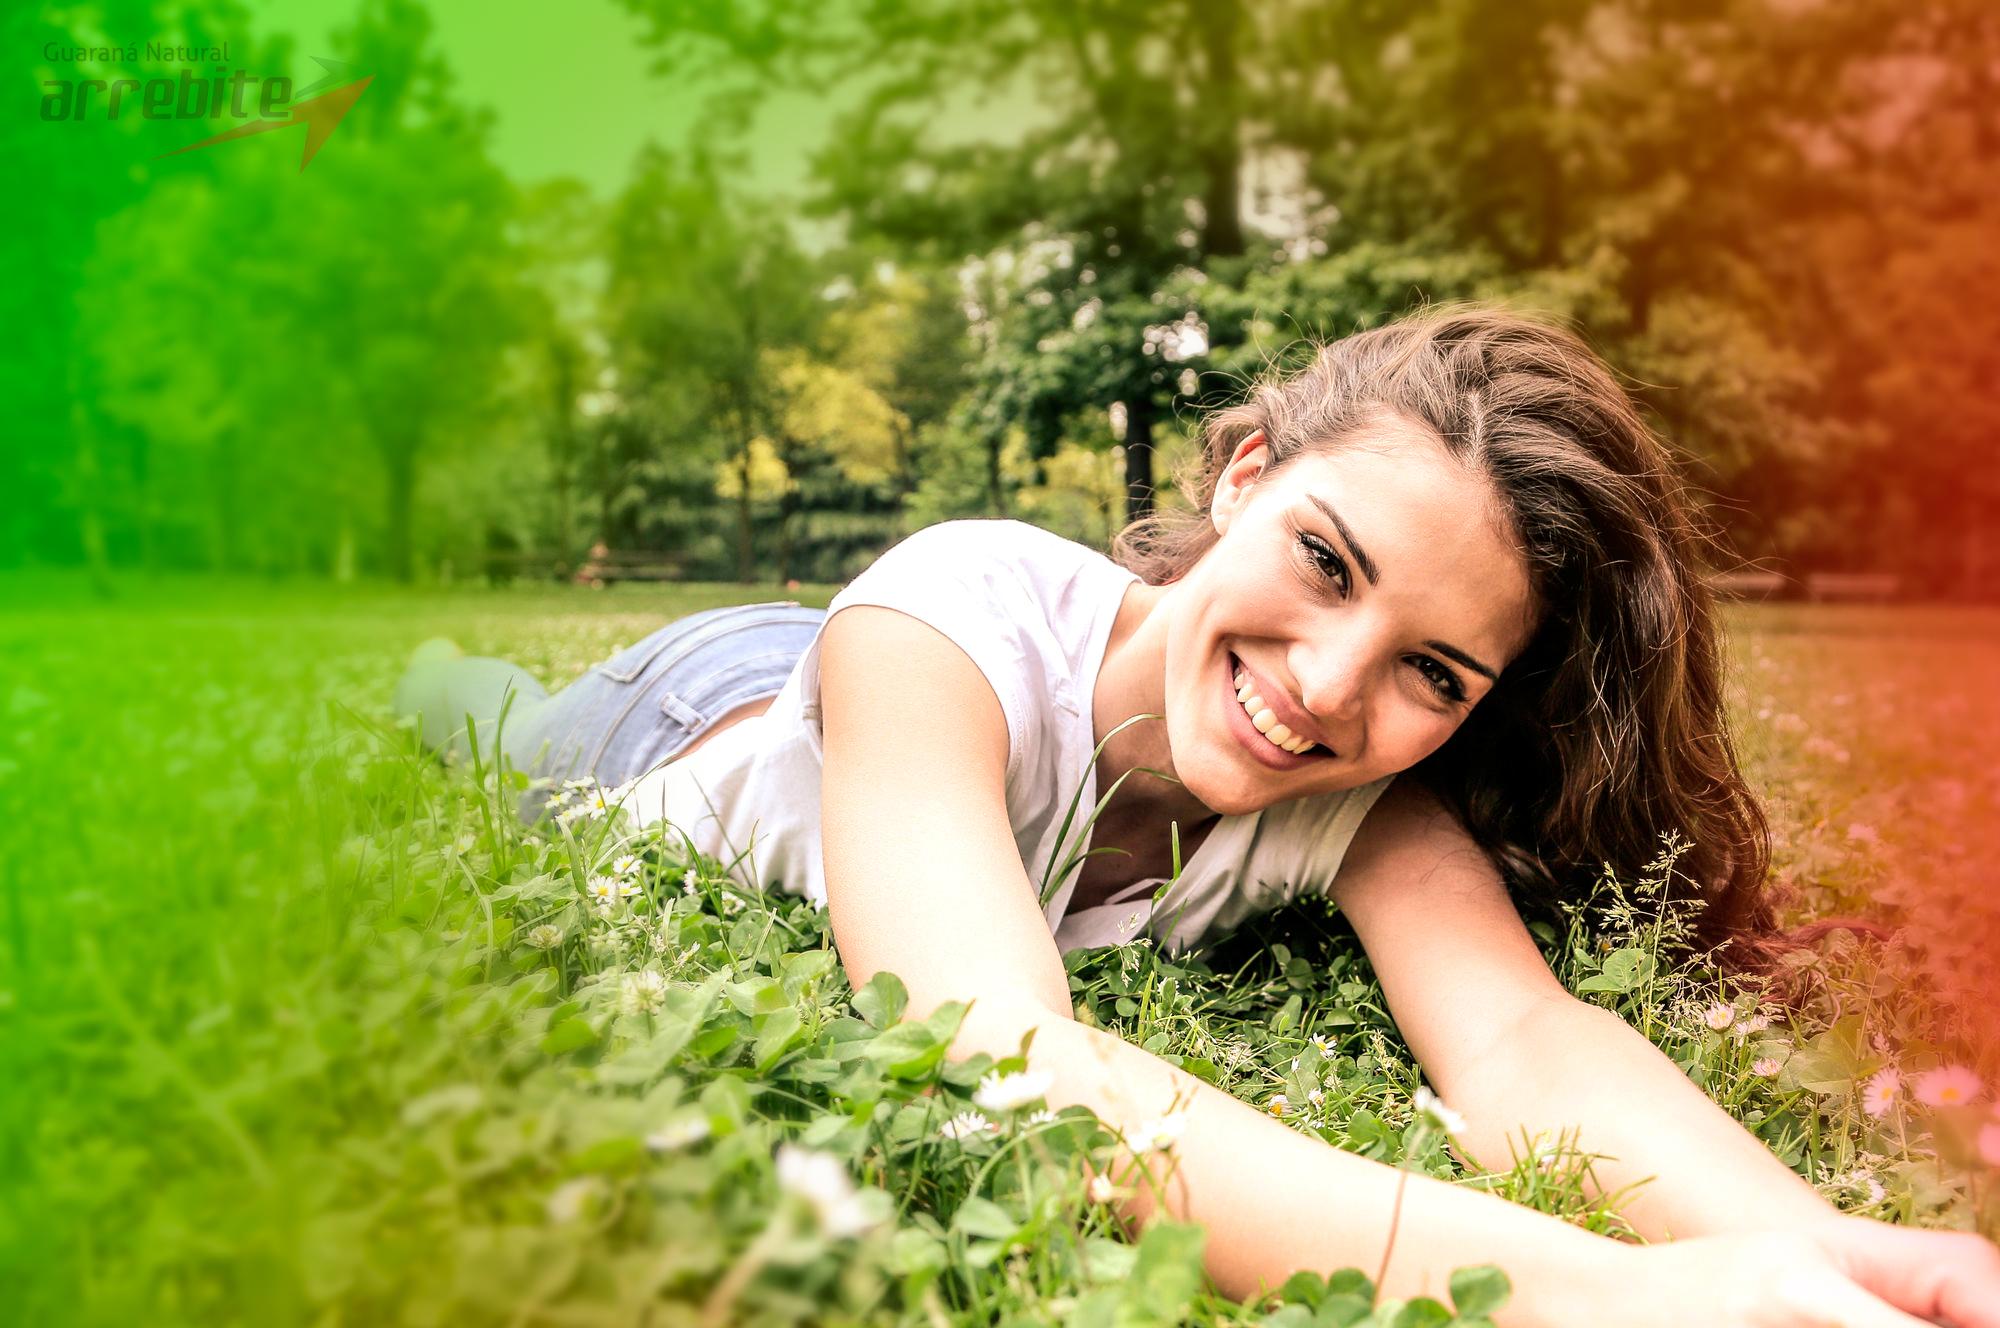 Estimulantes Naturais Podem te Ajudar  no Dia a Dia Sim!